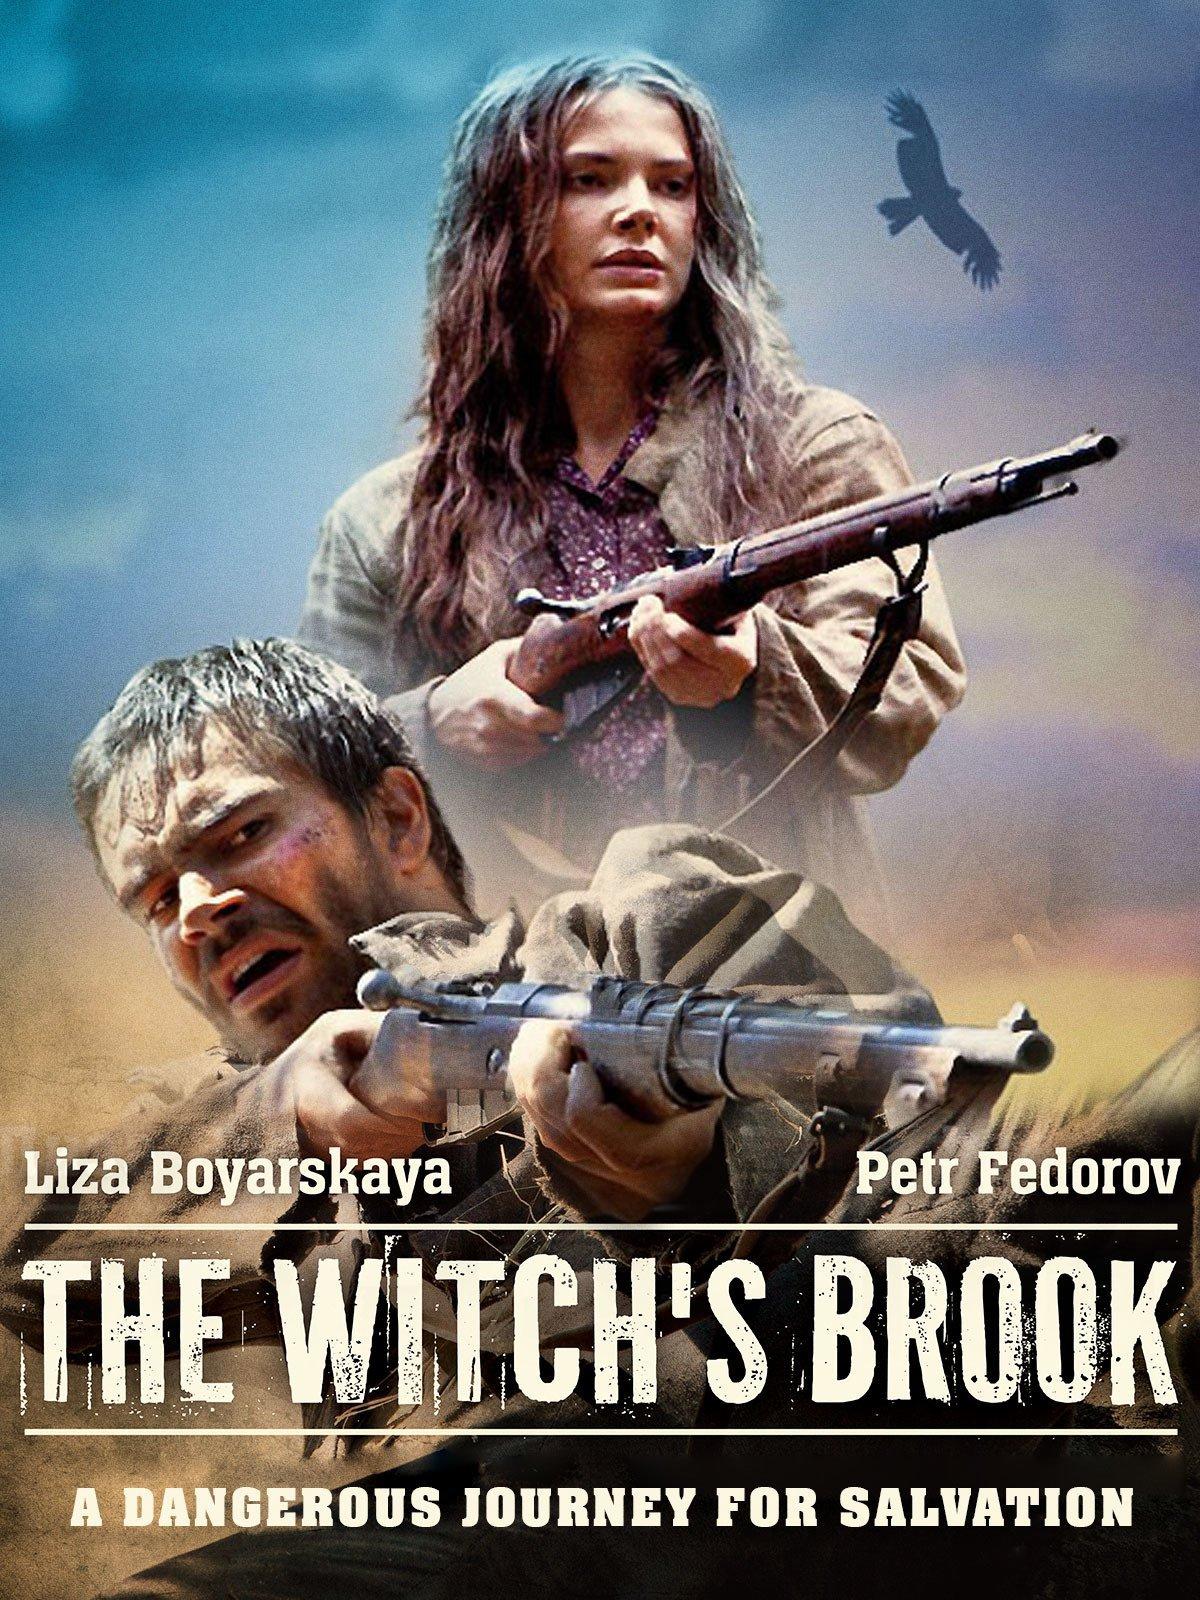 Liza Boyarskaya returned to the star Shlyag 14.06.2010 79